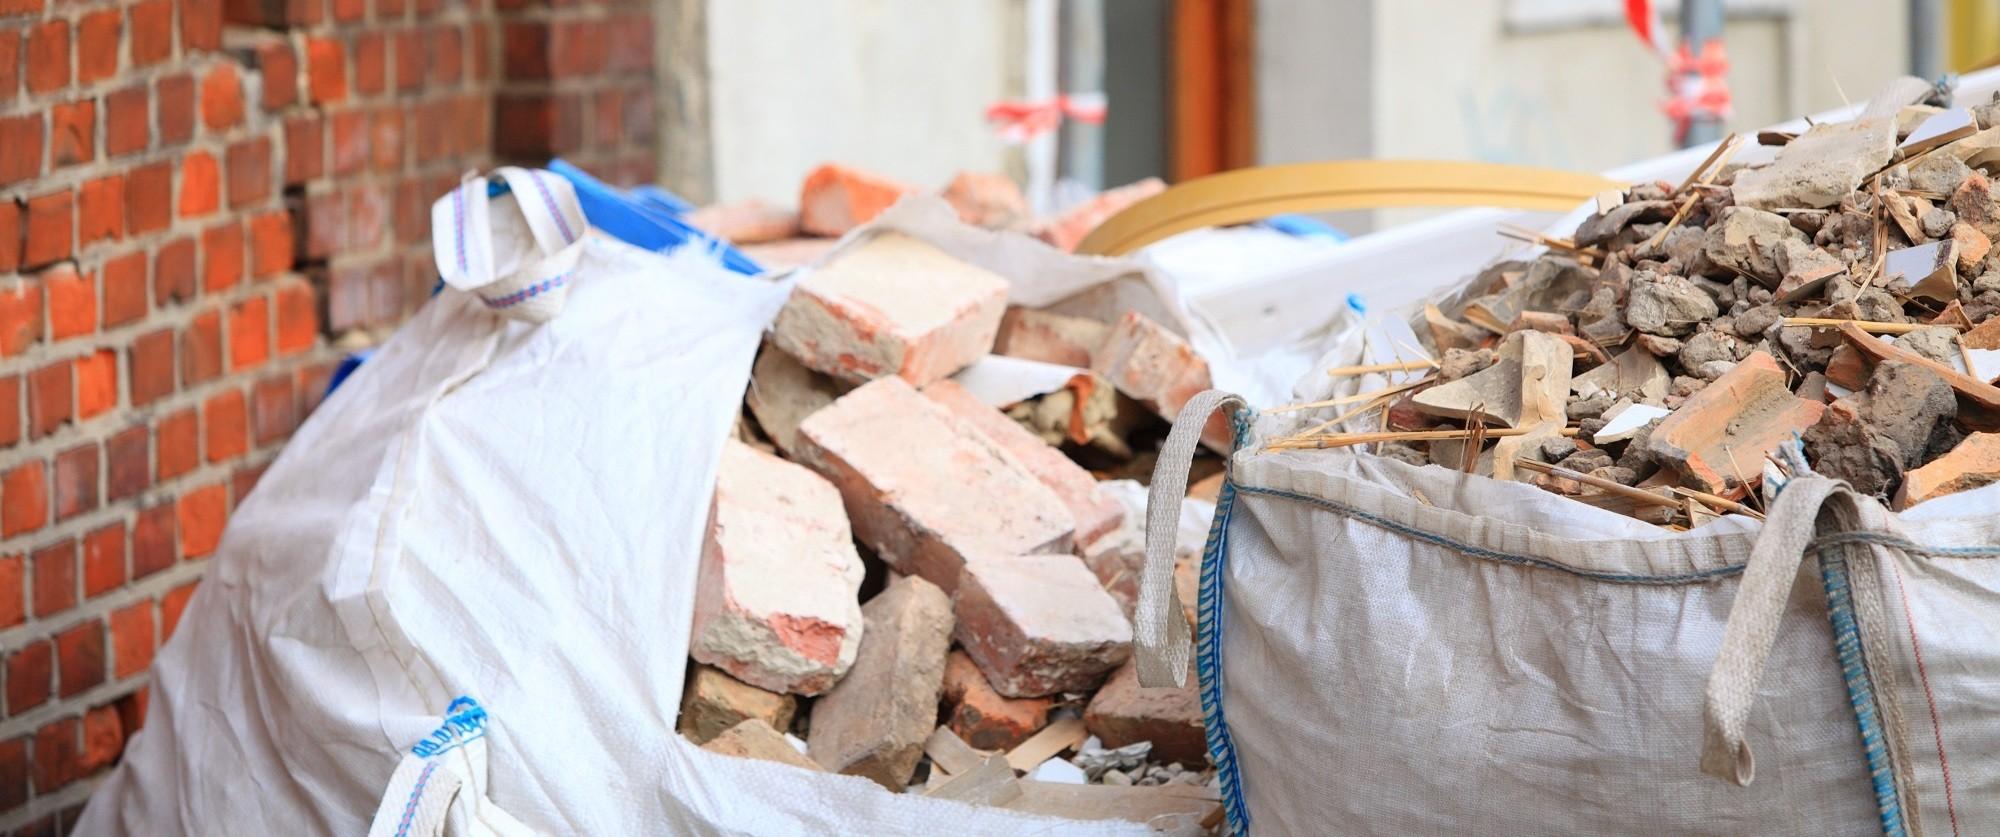 строительный мусор какой класс опасности